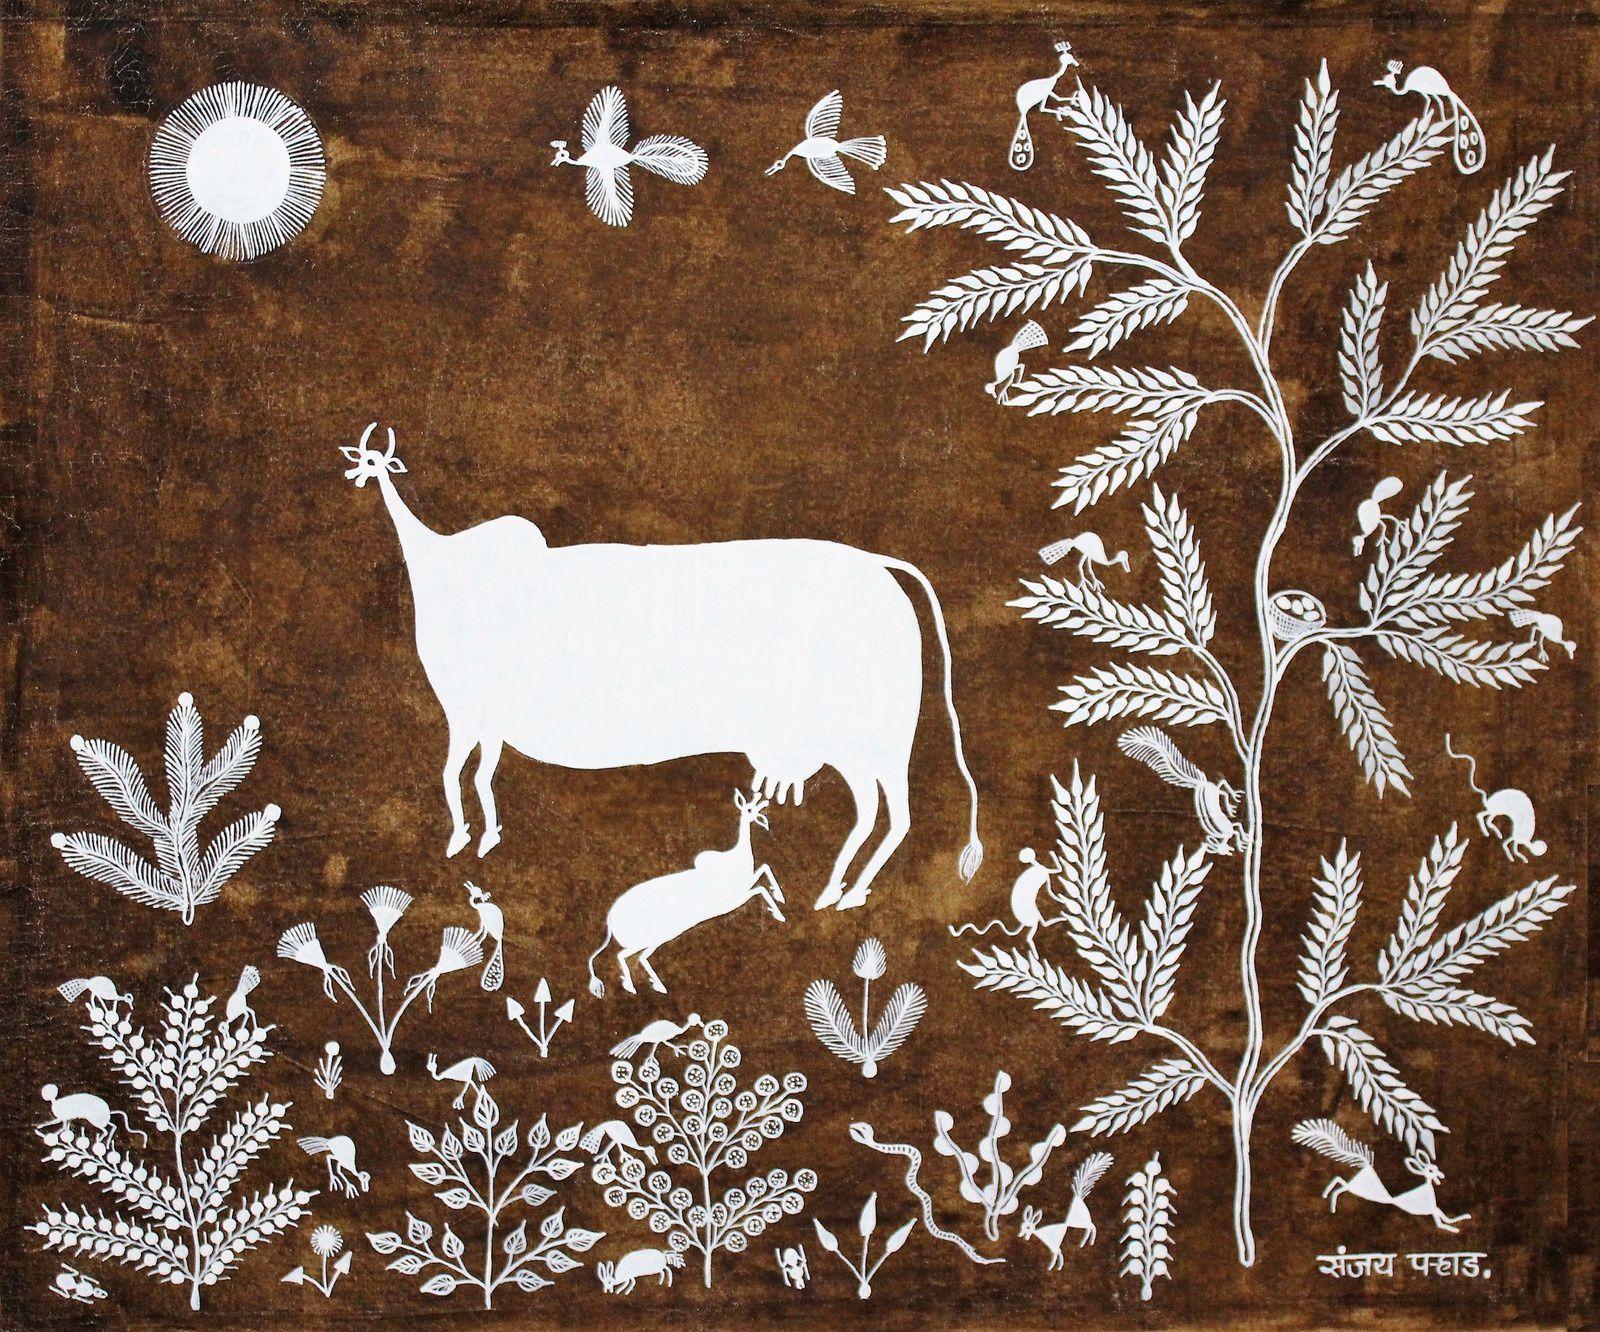 Vache et son veau, de Sanjay Parhad 60x40,  bouse, résine et acrylique sur coton